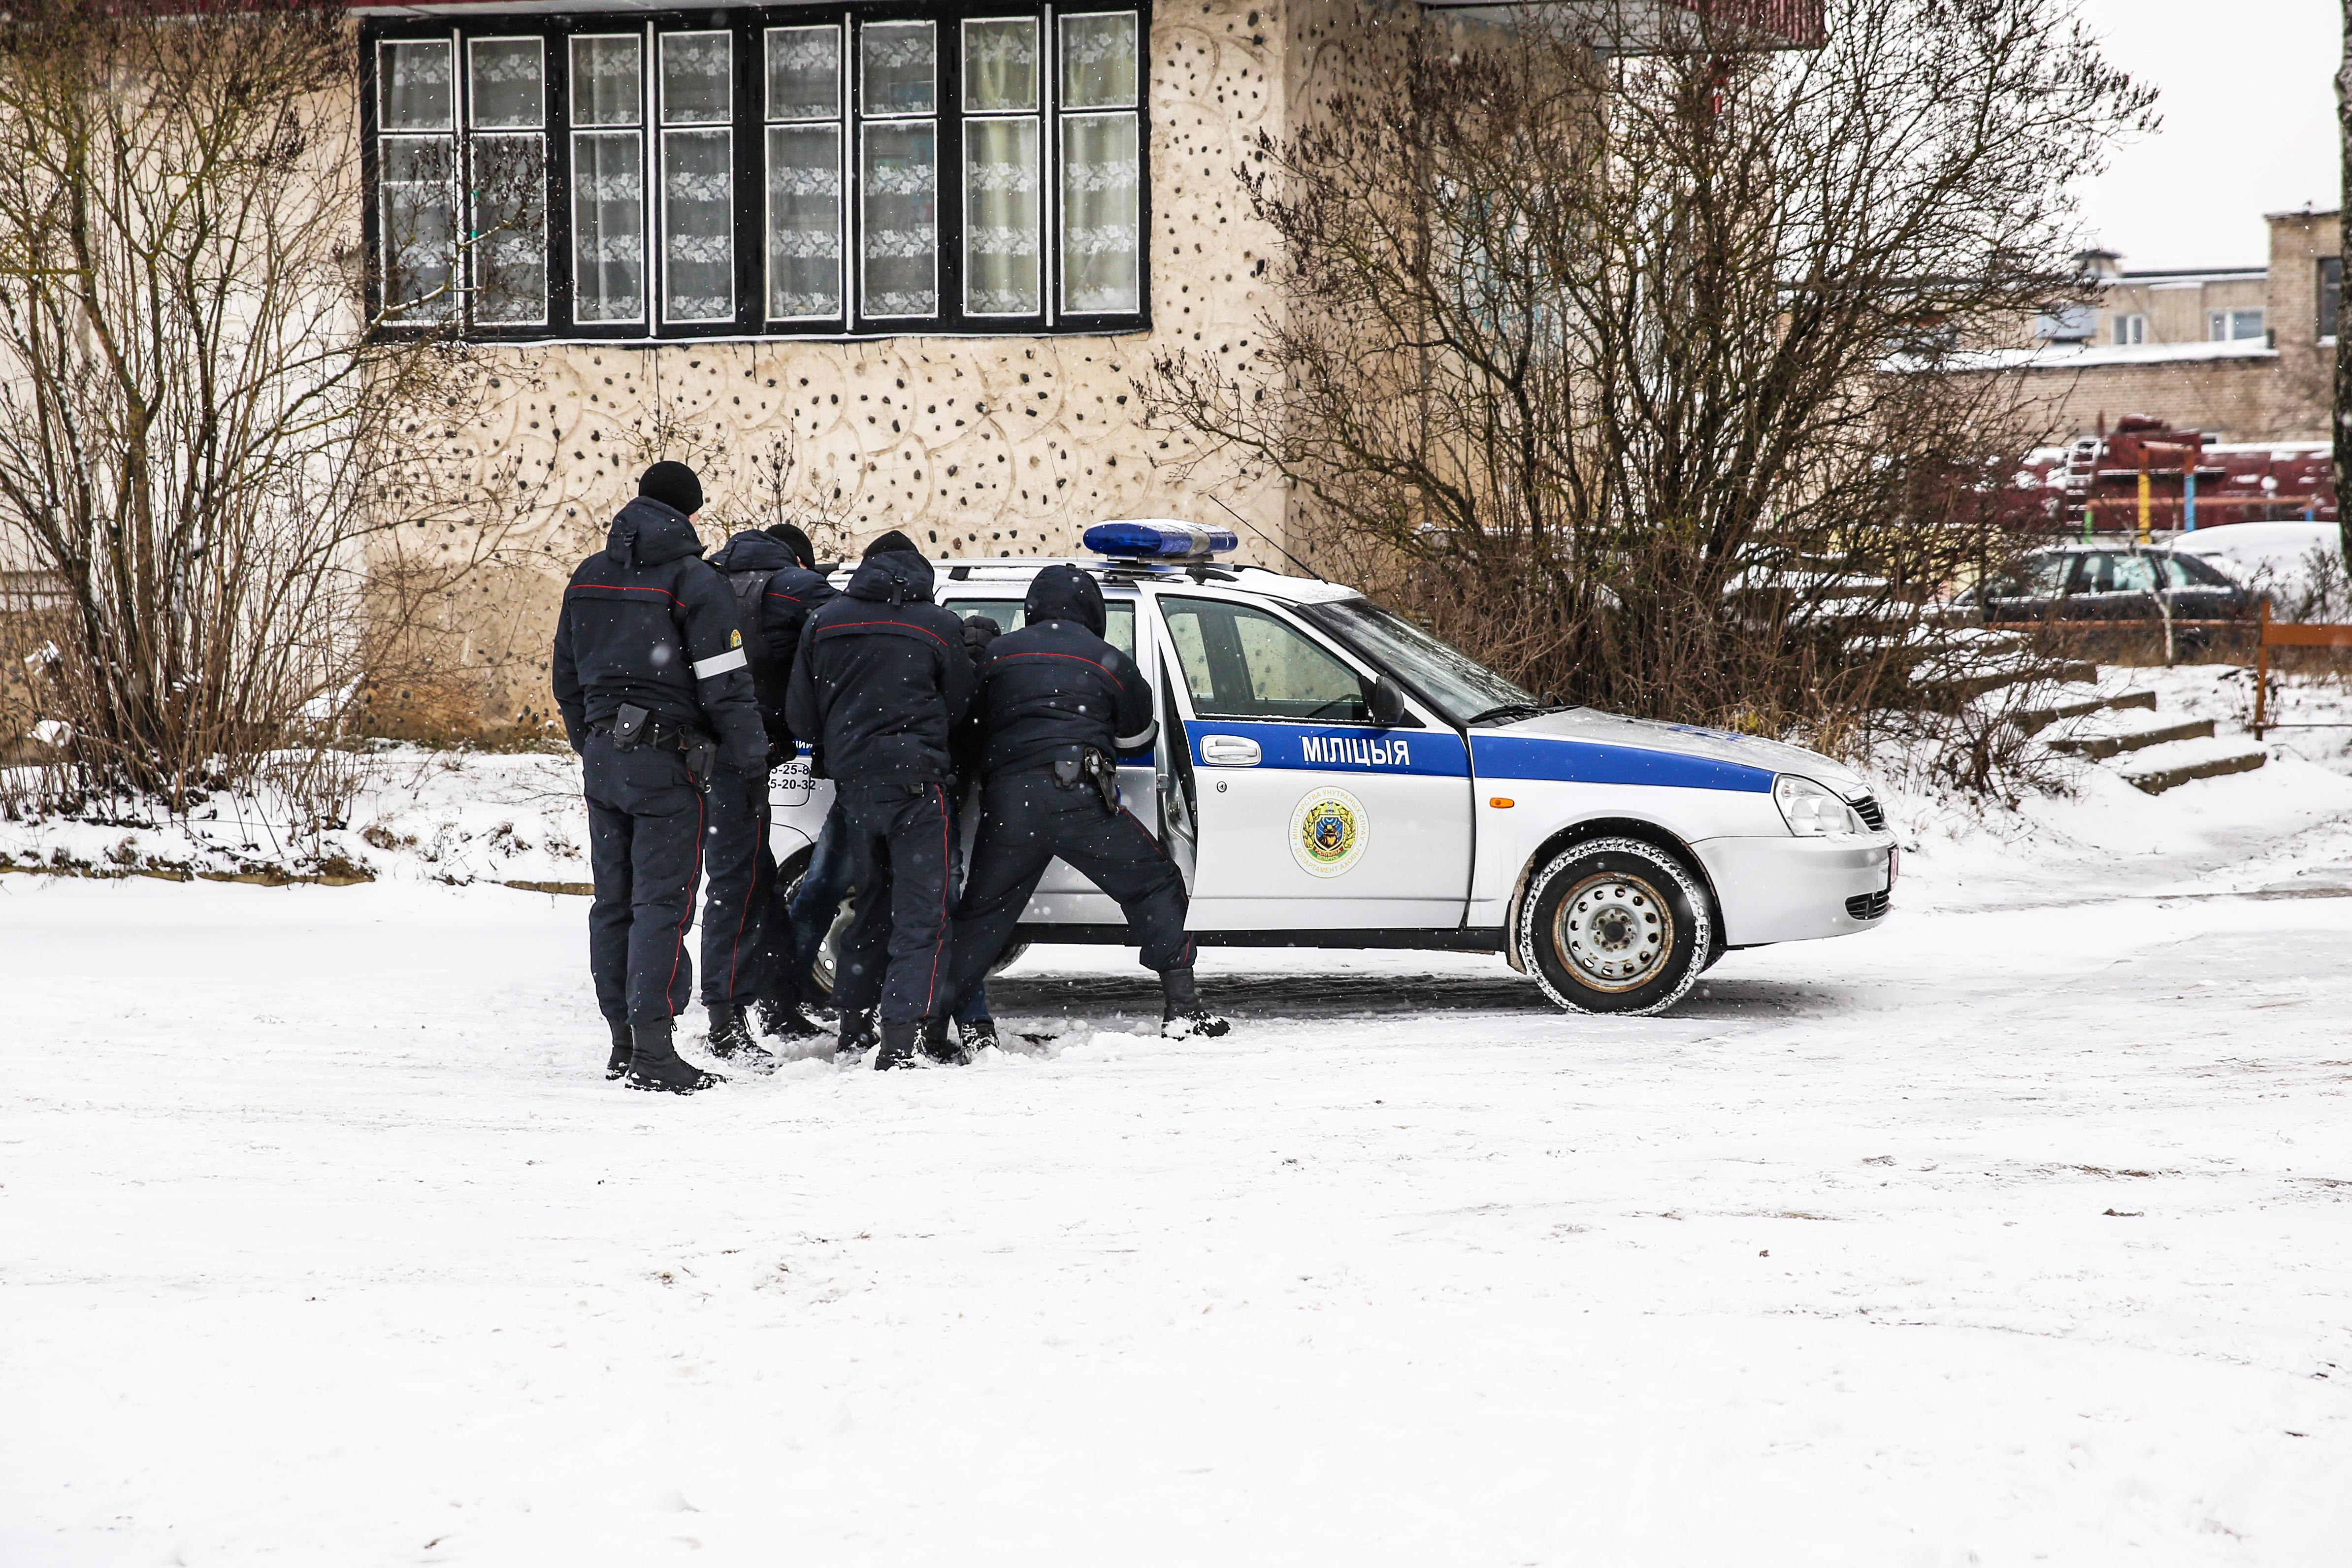 Сотрудники милиции сажают в машину задержанного горожанина, который с гранатой пришел в дом бывшей сожительницы и стал требовать алкоголь. 17 января 2018 года. Фото: Татьяна МАЛЕЖ